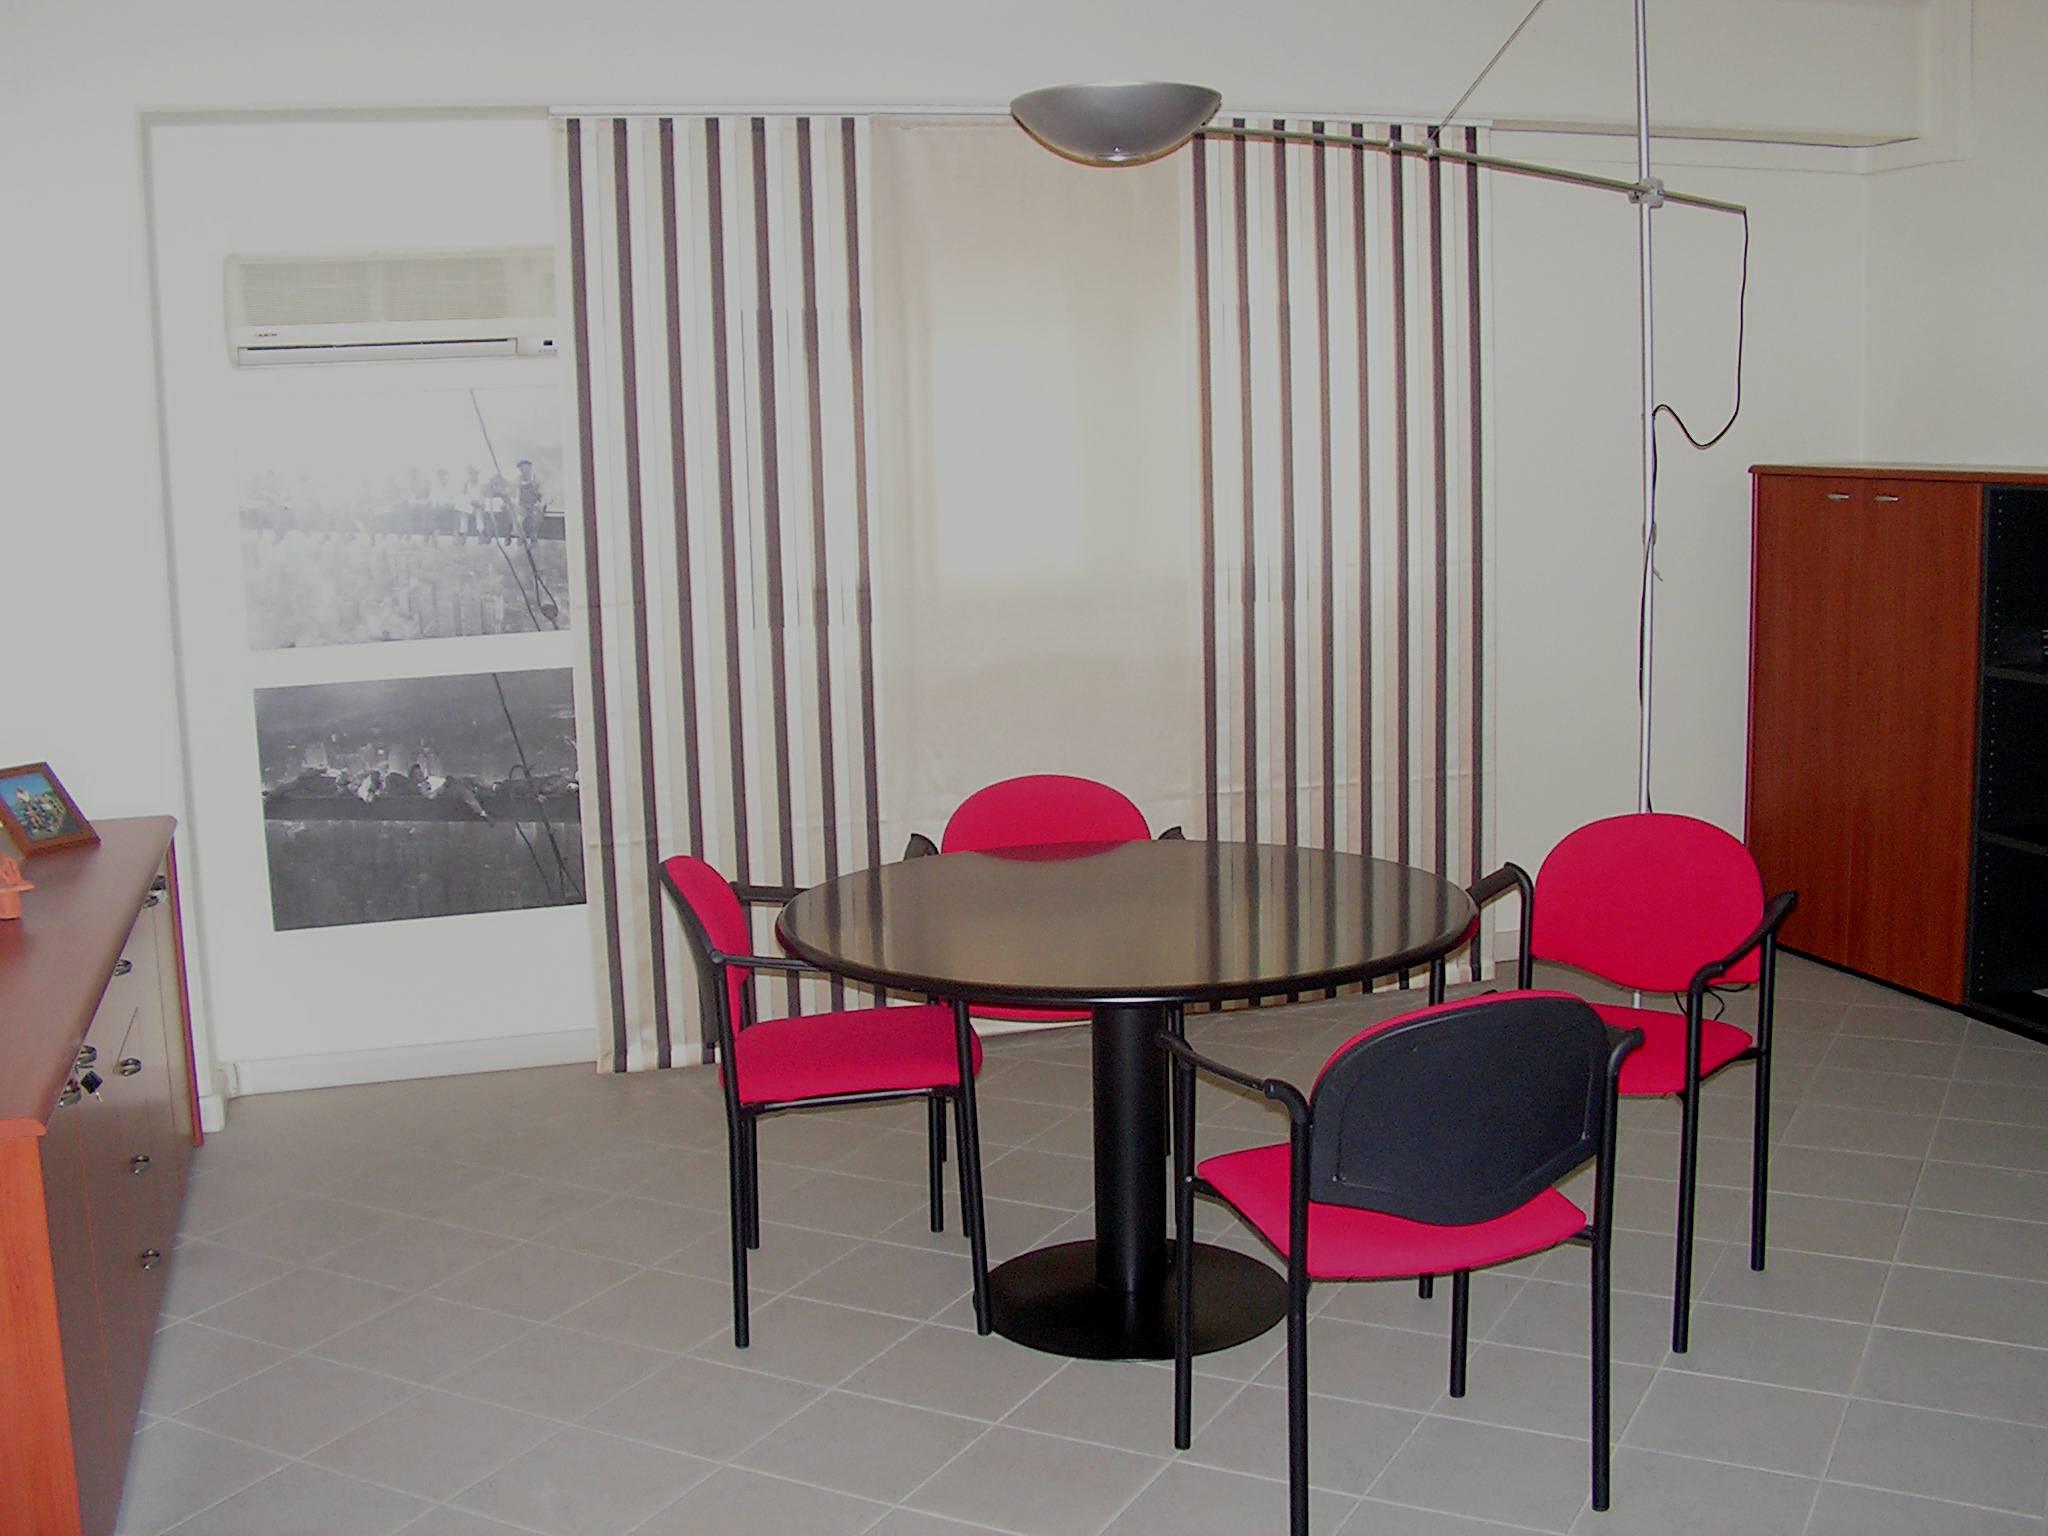 Armadio Per Ufficio Java : Tende a pannello per ufficio. tende da ufficio with tende a pannello